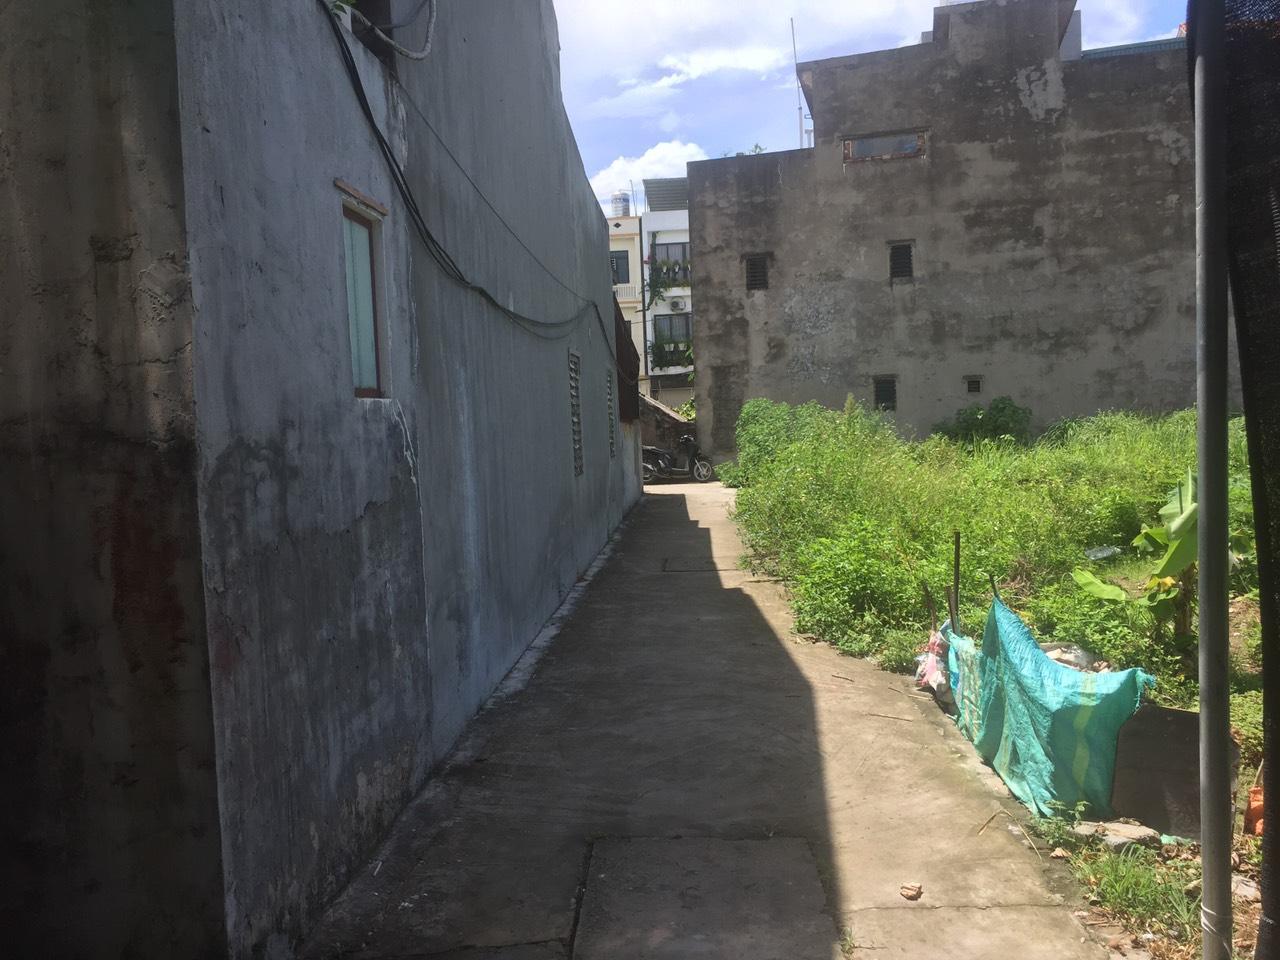 Cần bán Đất đường Bình Lộc, Phường Tân Bình, Diện tích 50m², Giá 800000 Triệu - LH: 0979411888